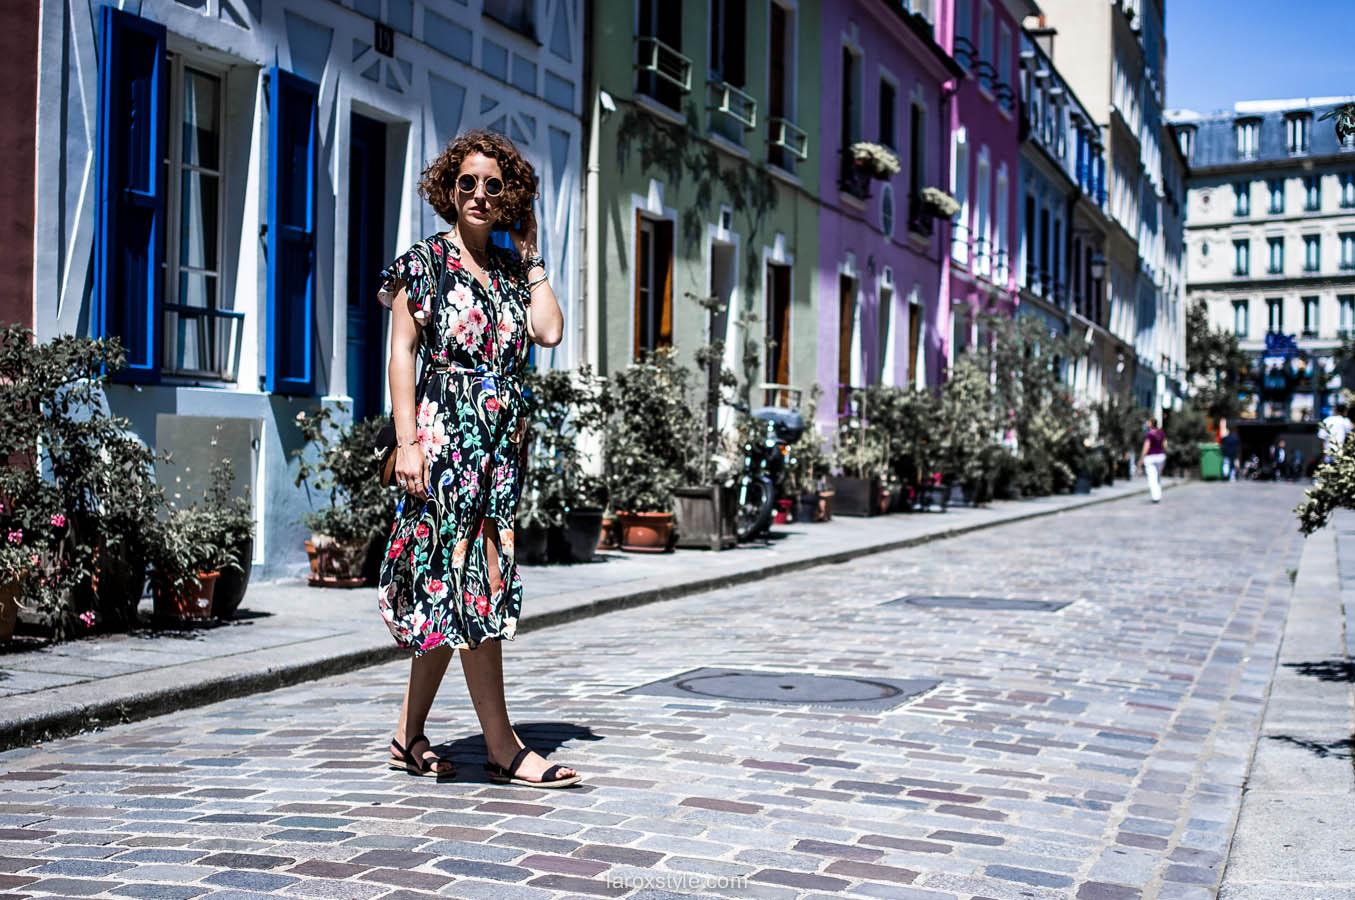 Paris - rue cremieux - look robe fleurs - street look